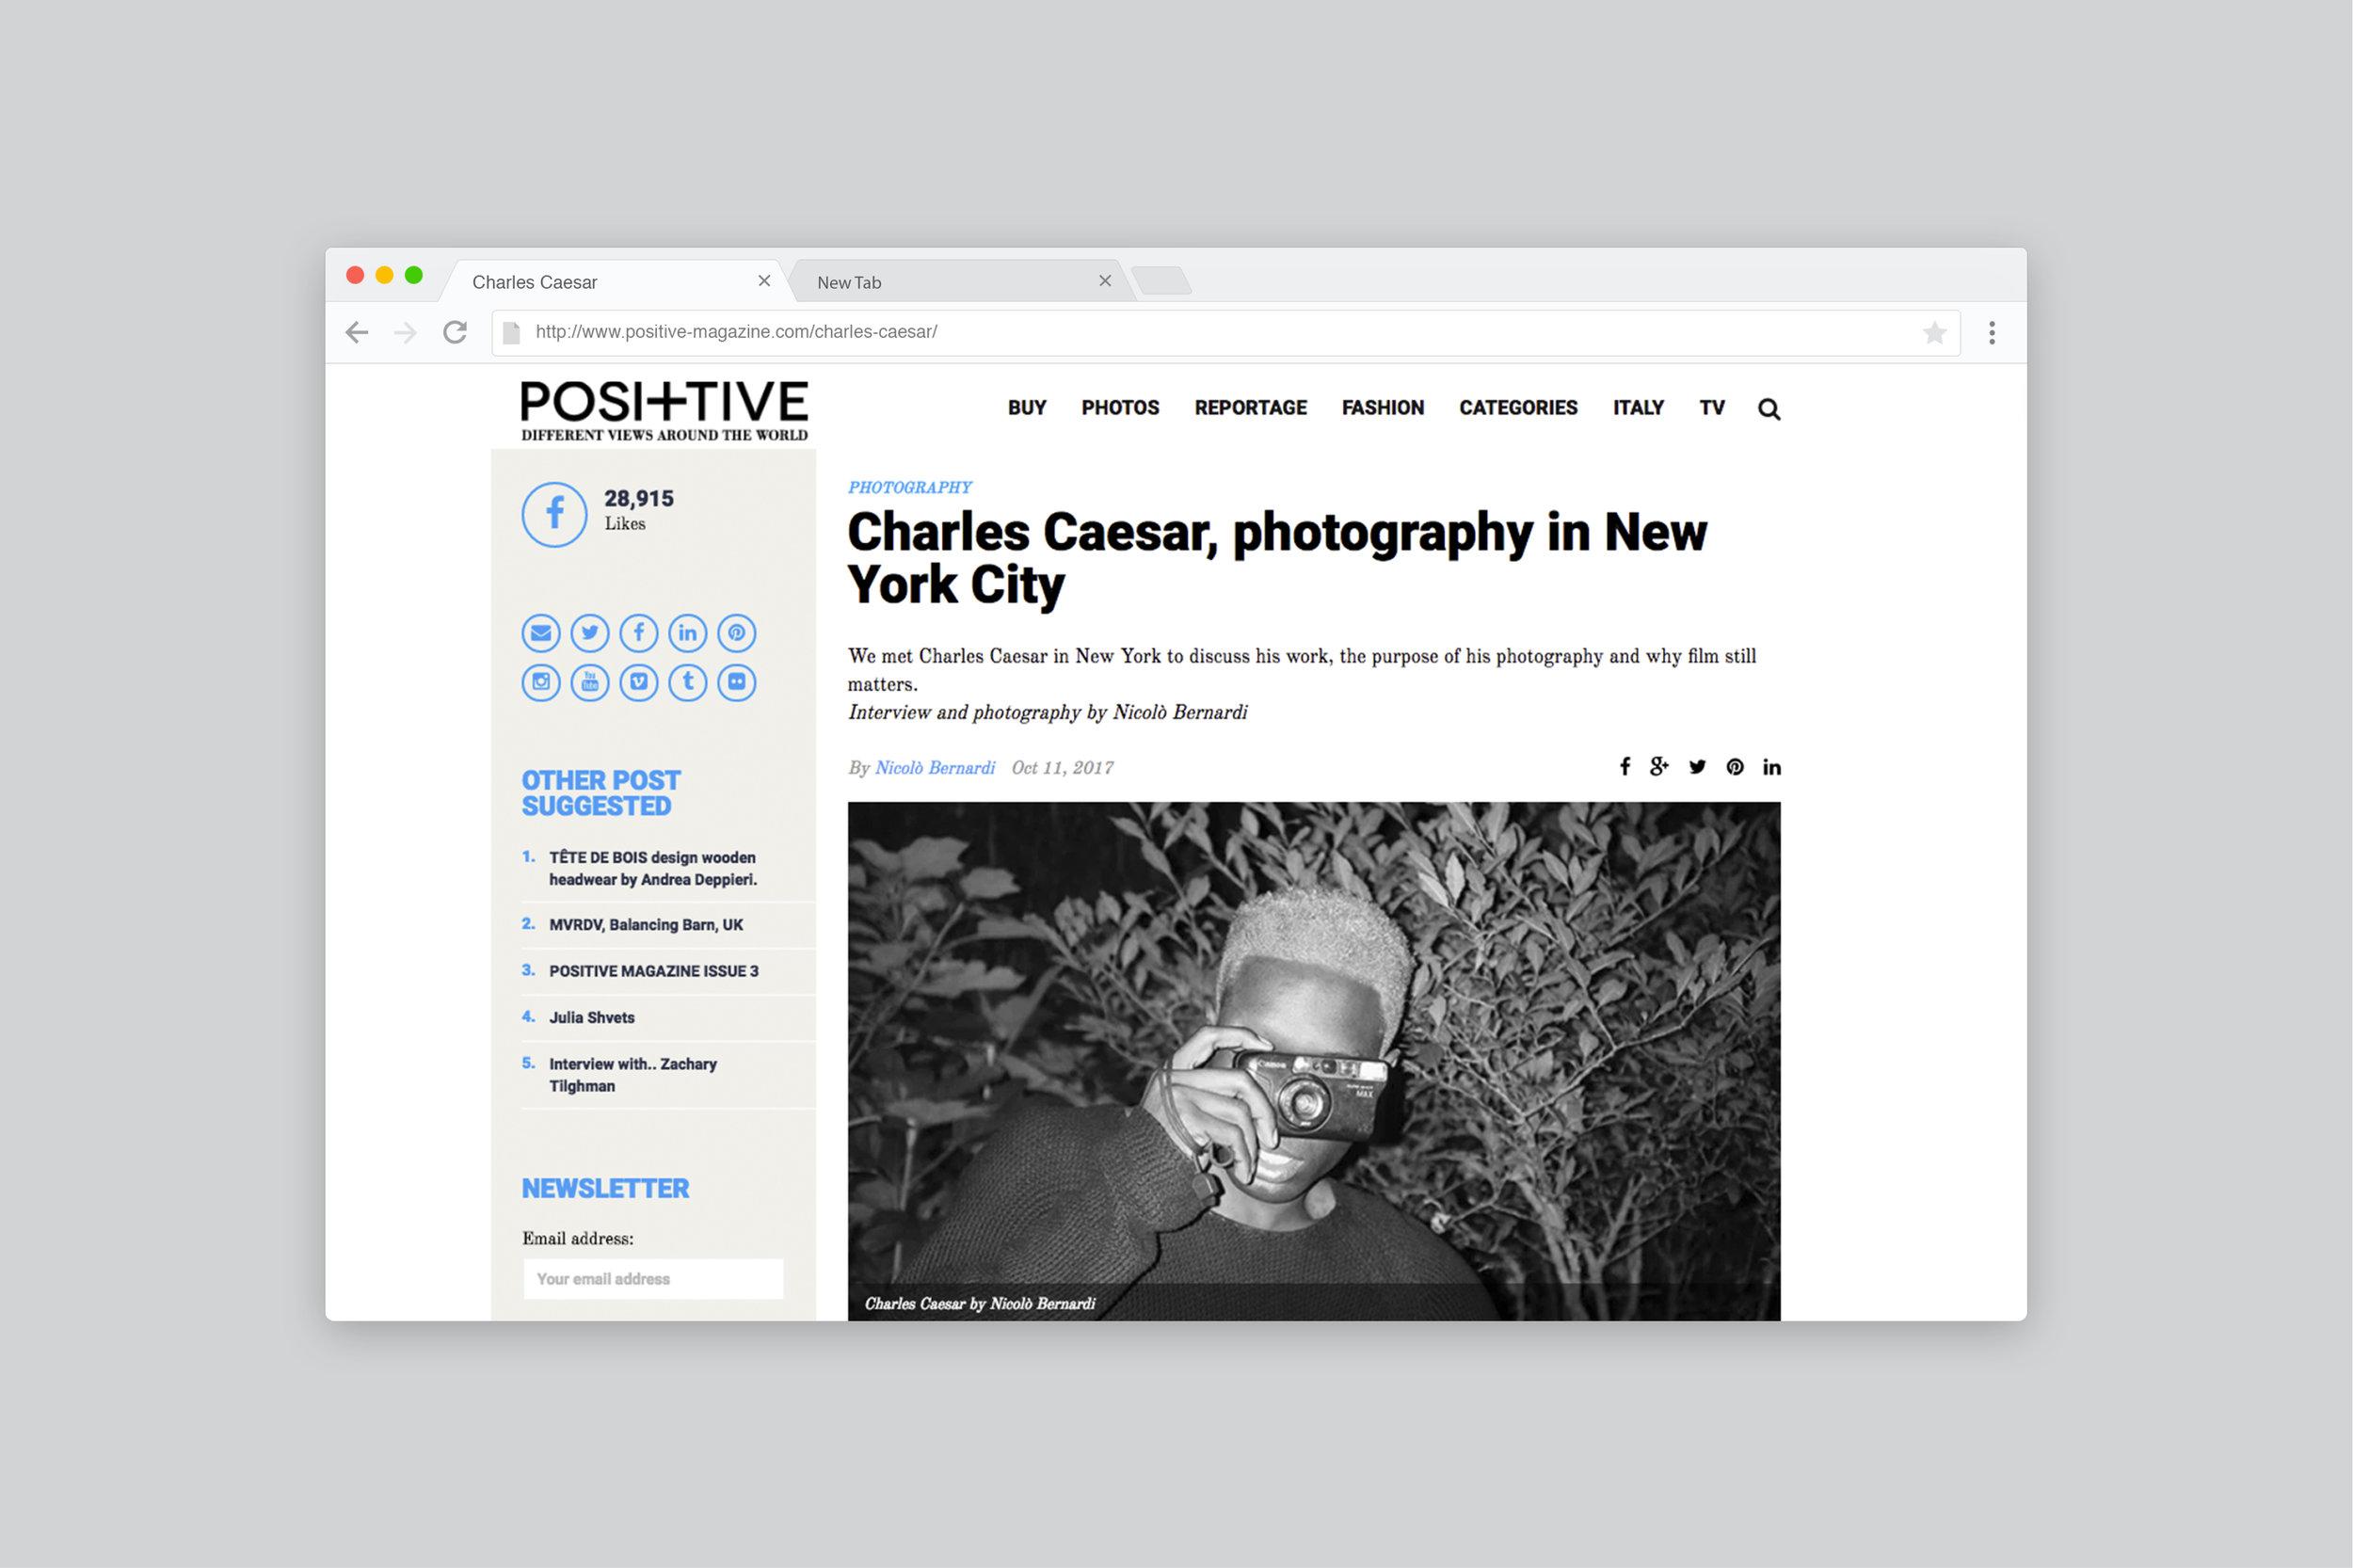 PositiveMagazine-slides2.jpg